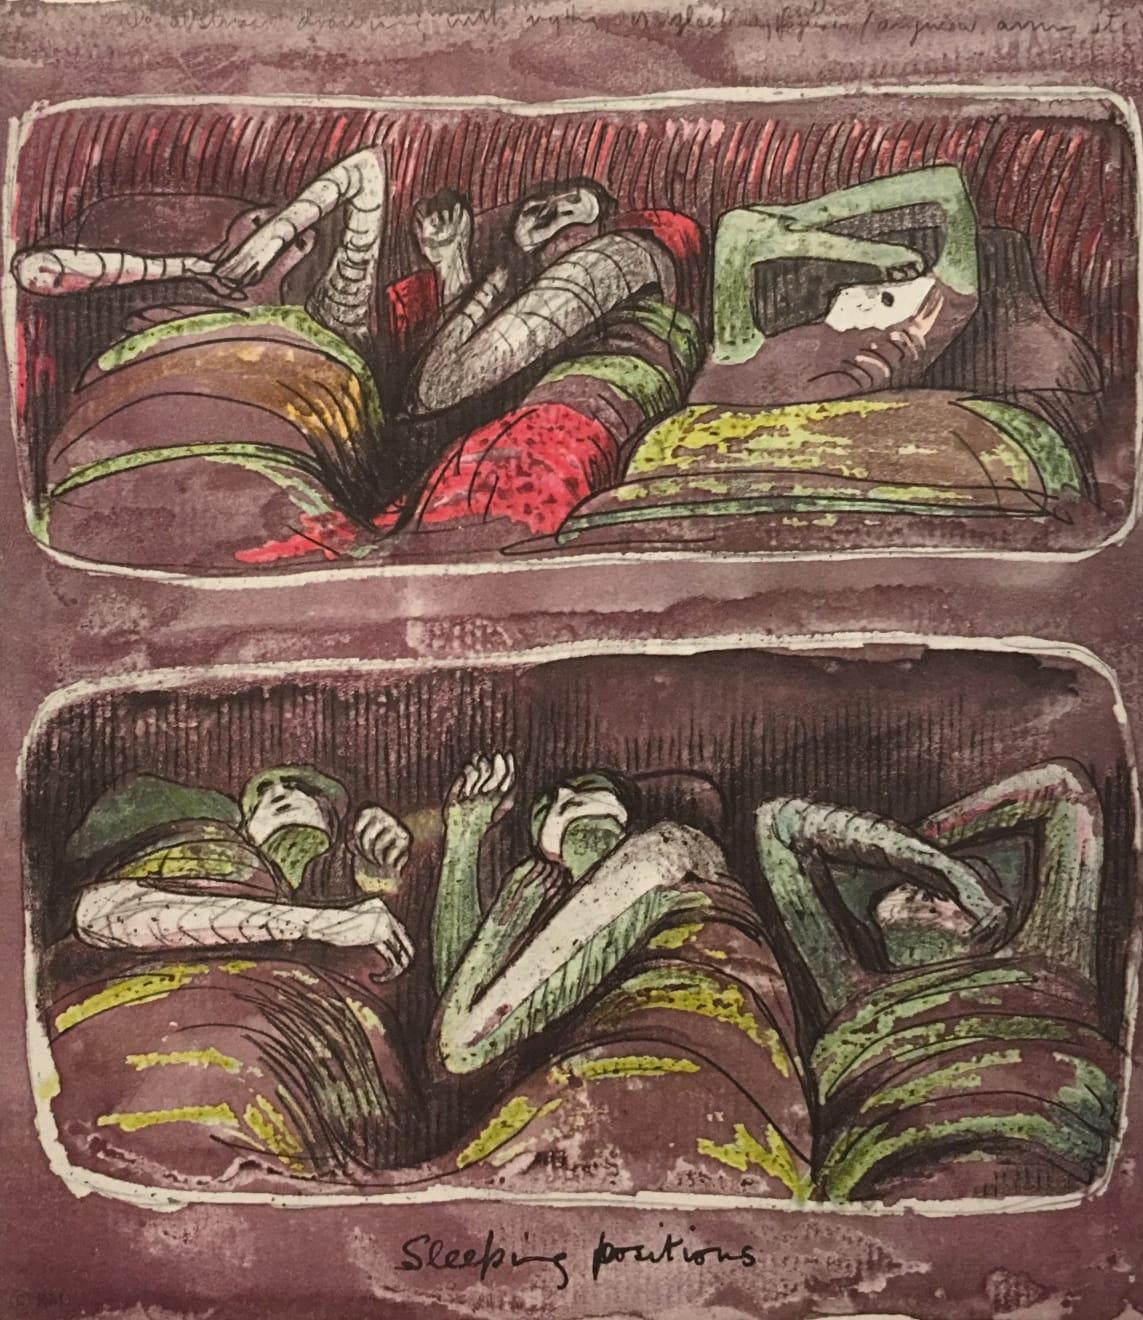 Henry Moore, Untitled LXV (Shelter Sketchbook), 1967